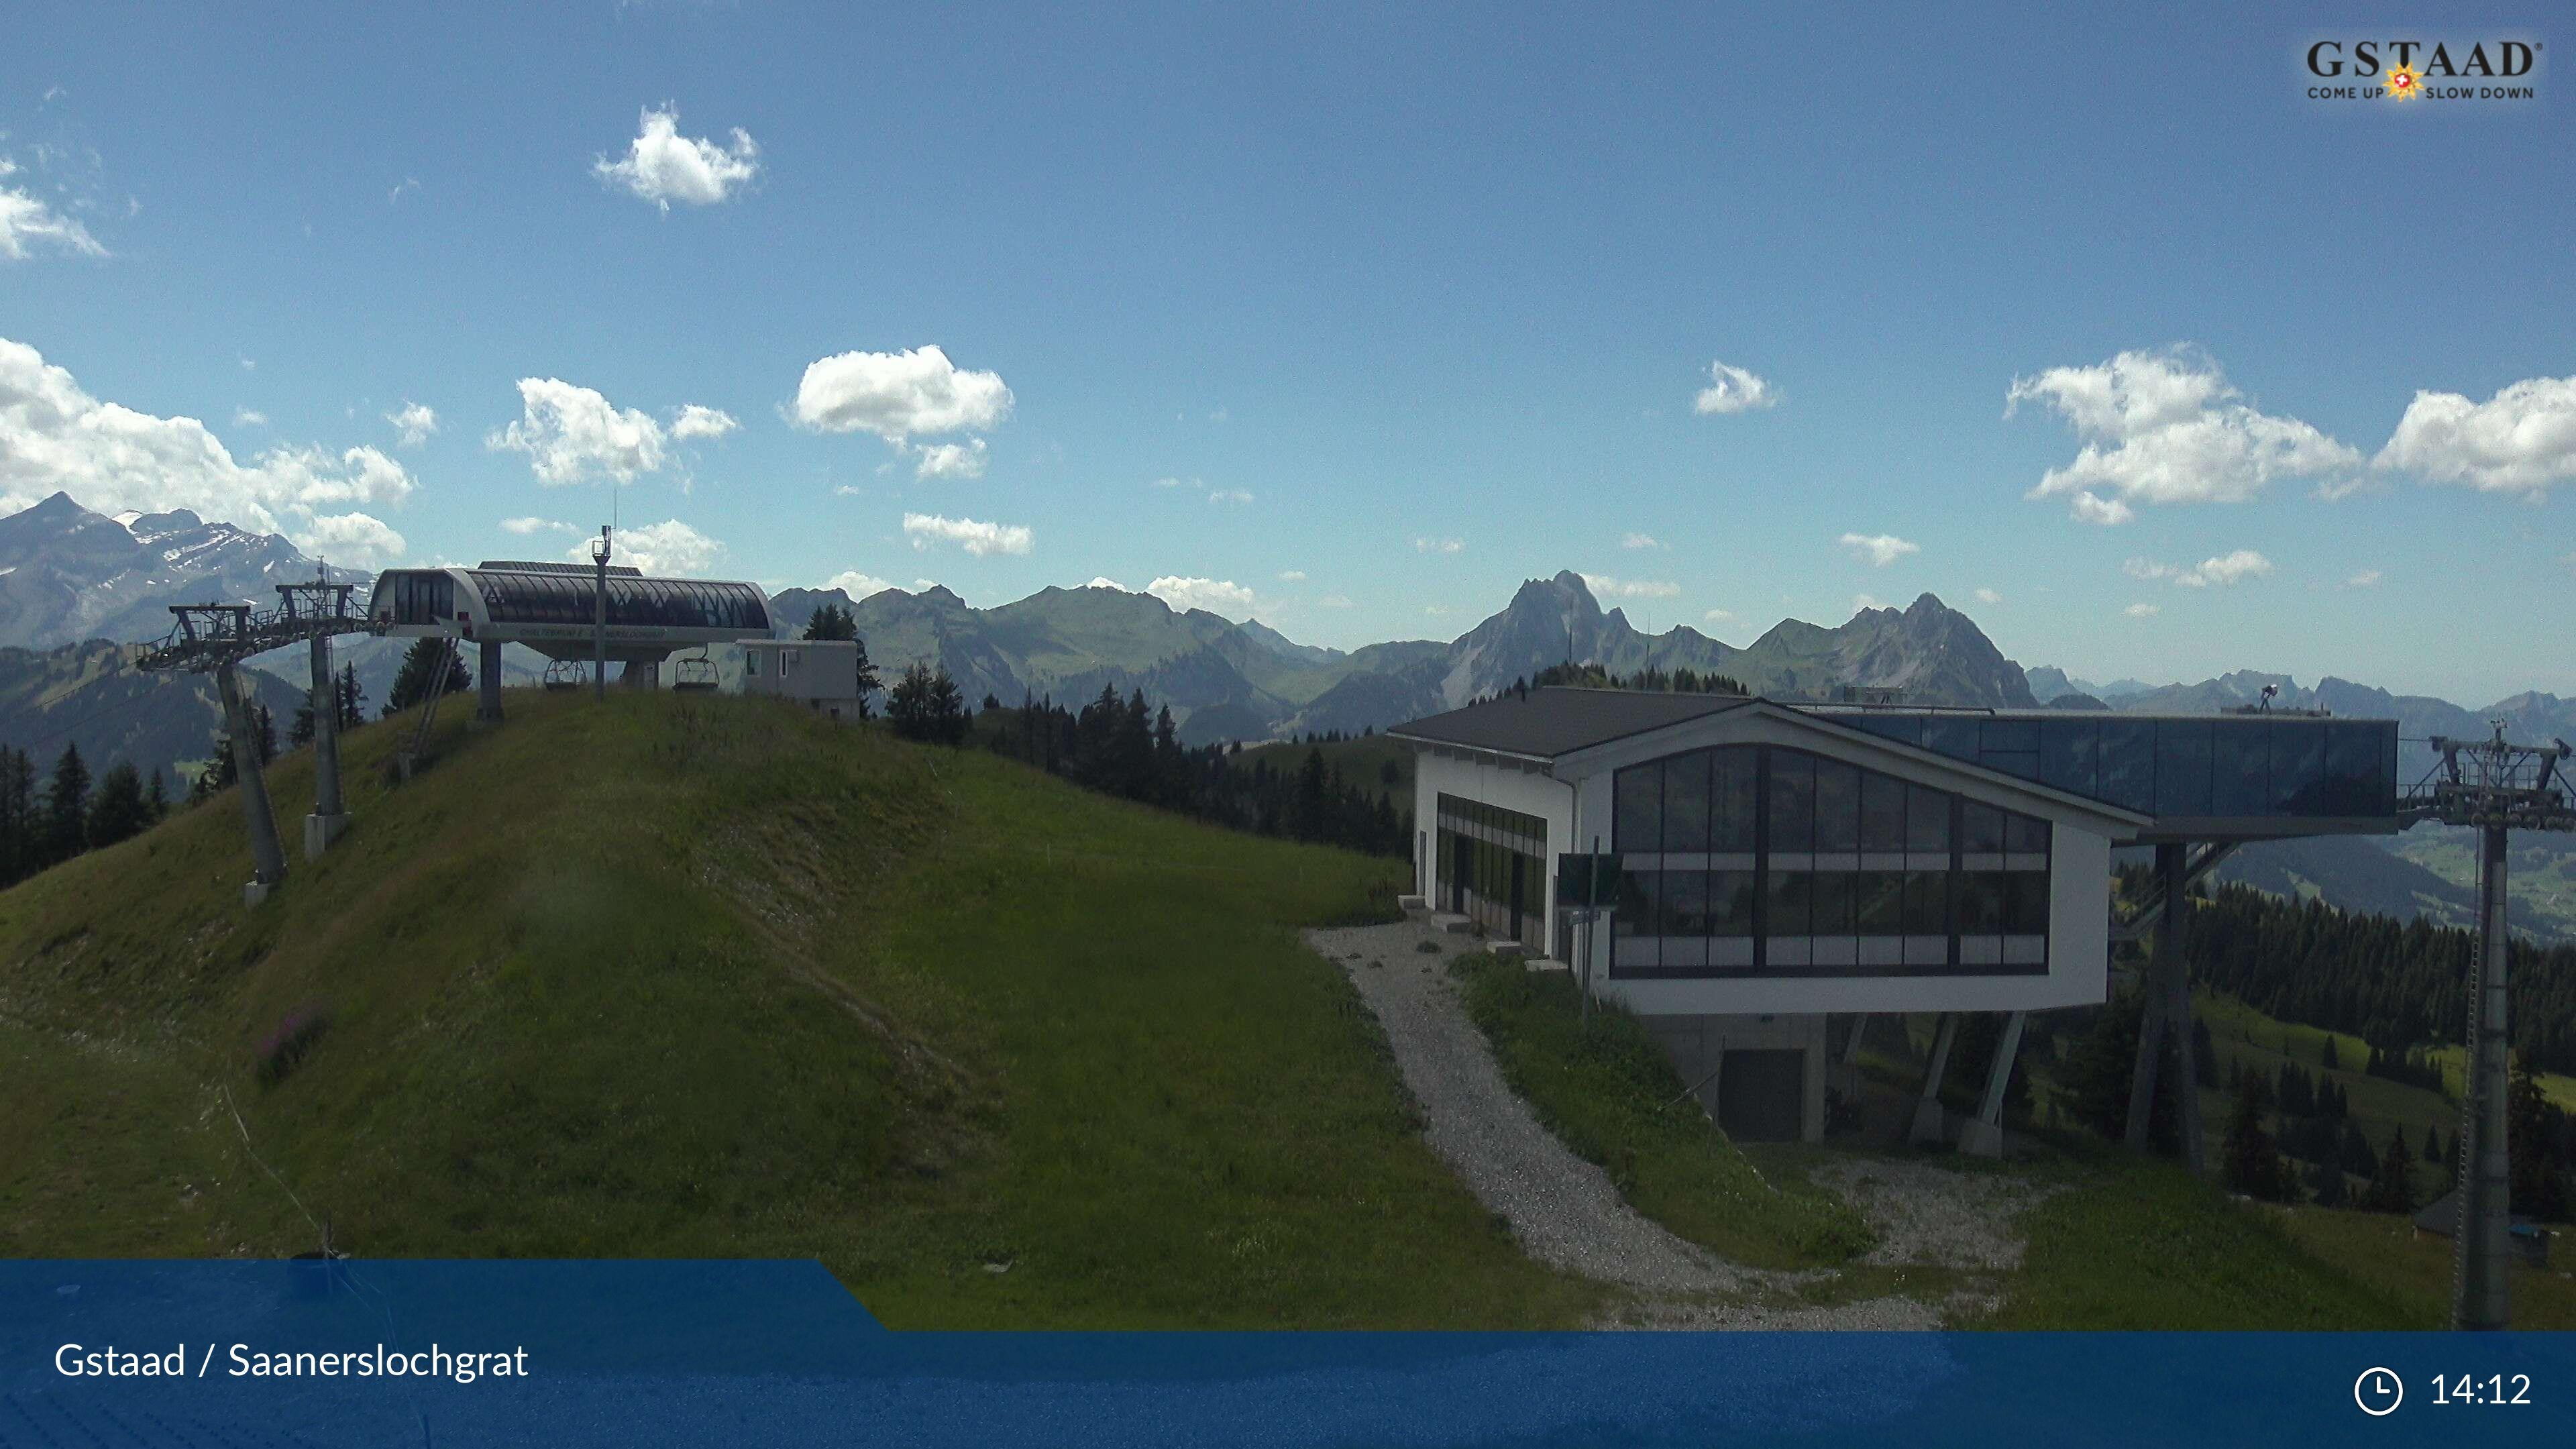 Saanenmöser: Gstaad - Saanerslochgrat, BMW